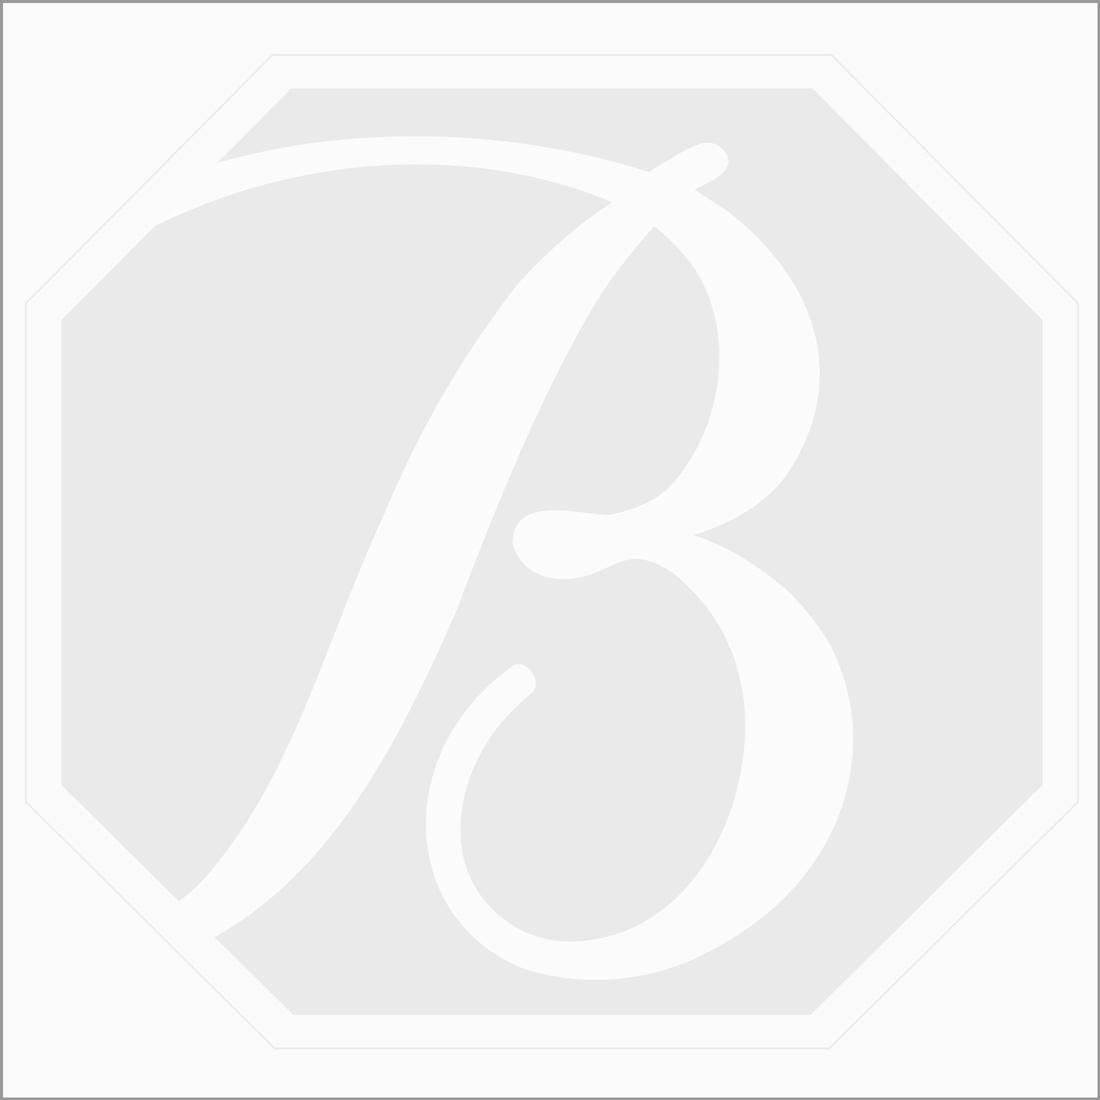 2 Pcs - Dark Green Tourmaline Rose Cuts - 7.8 ct. - 13.1 x 8.8 x 3.5 mm & 13.6 x 9.8 x 4.2 mm (TRC1026)